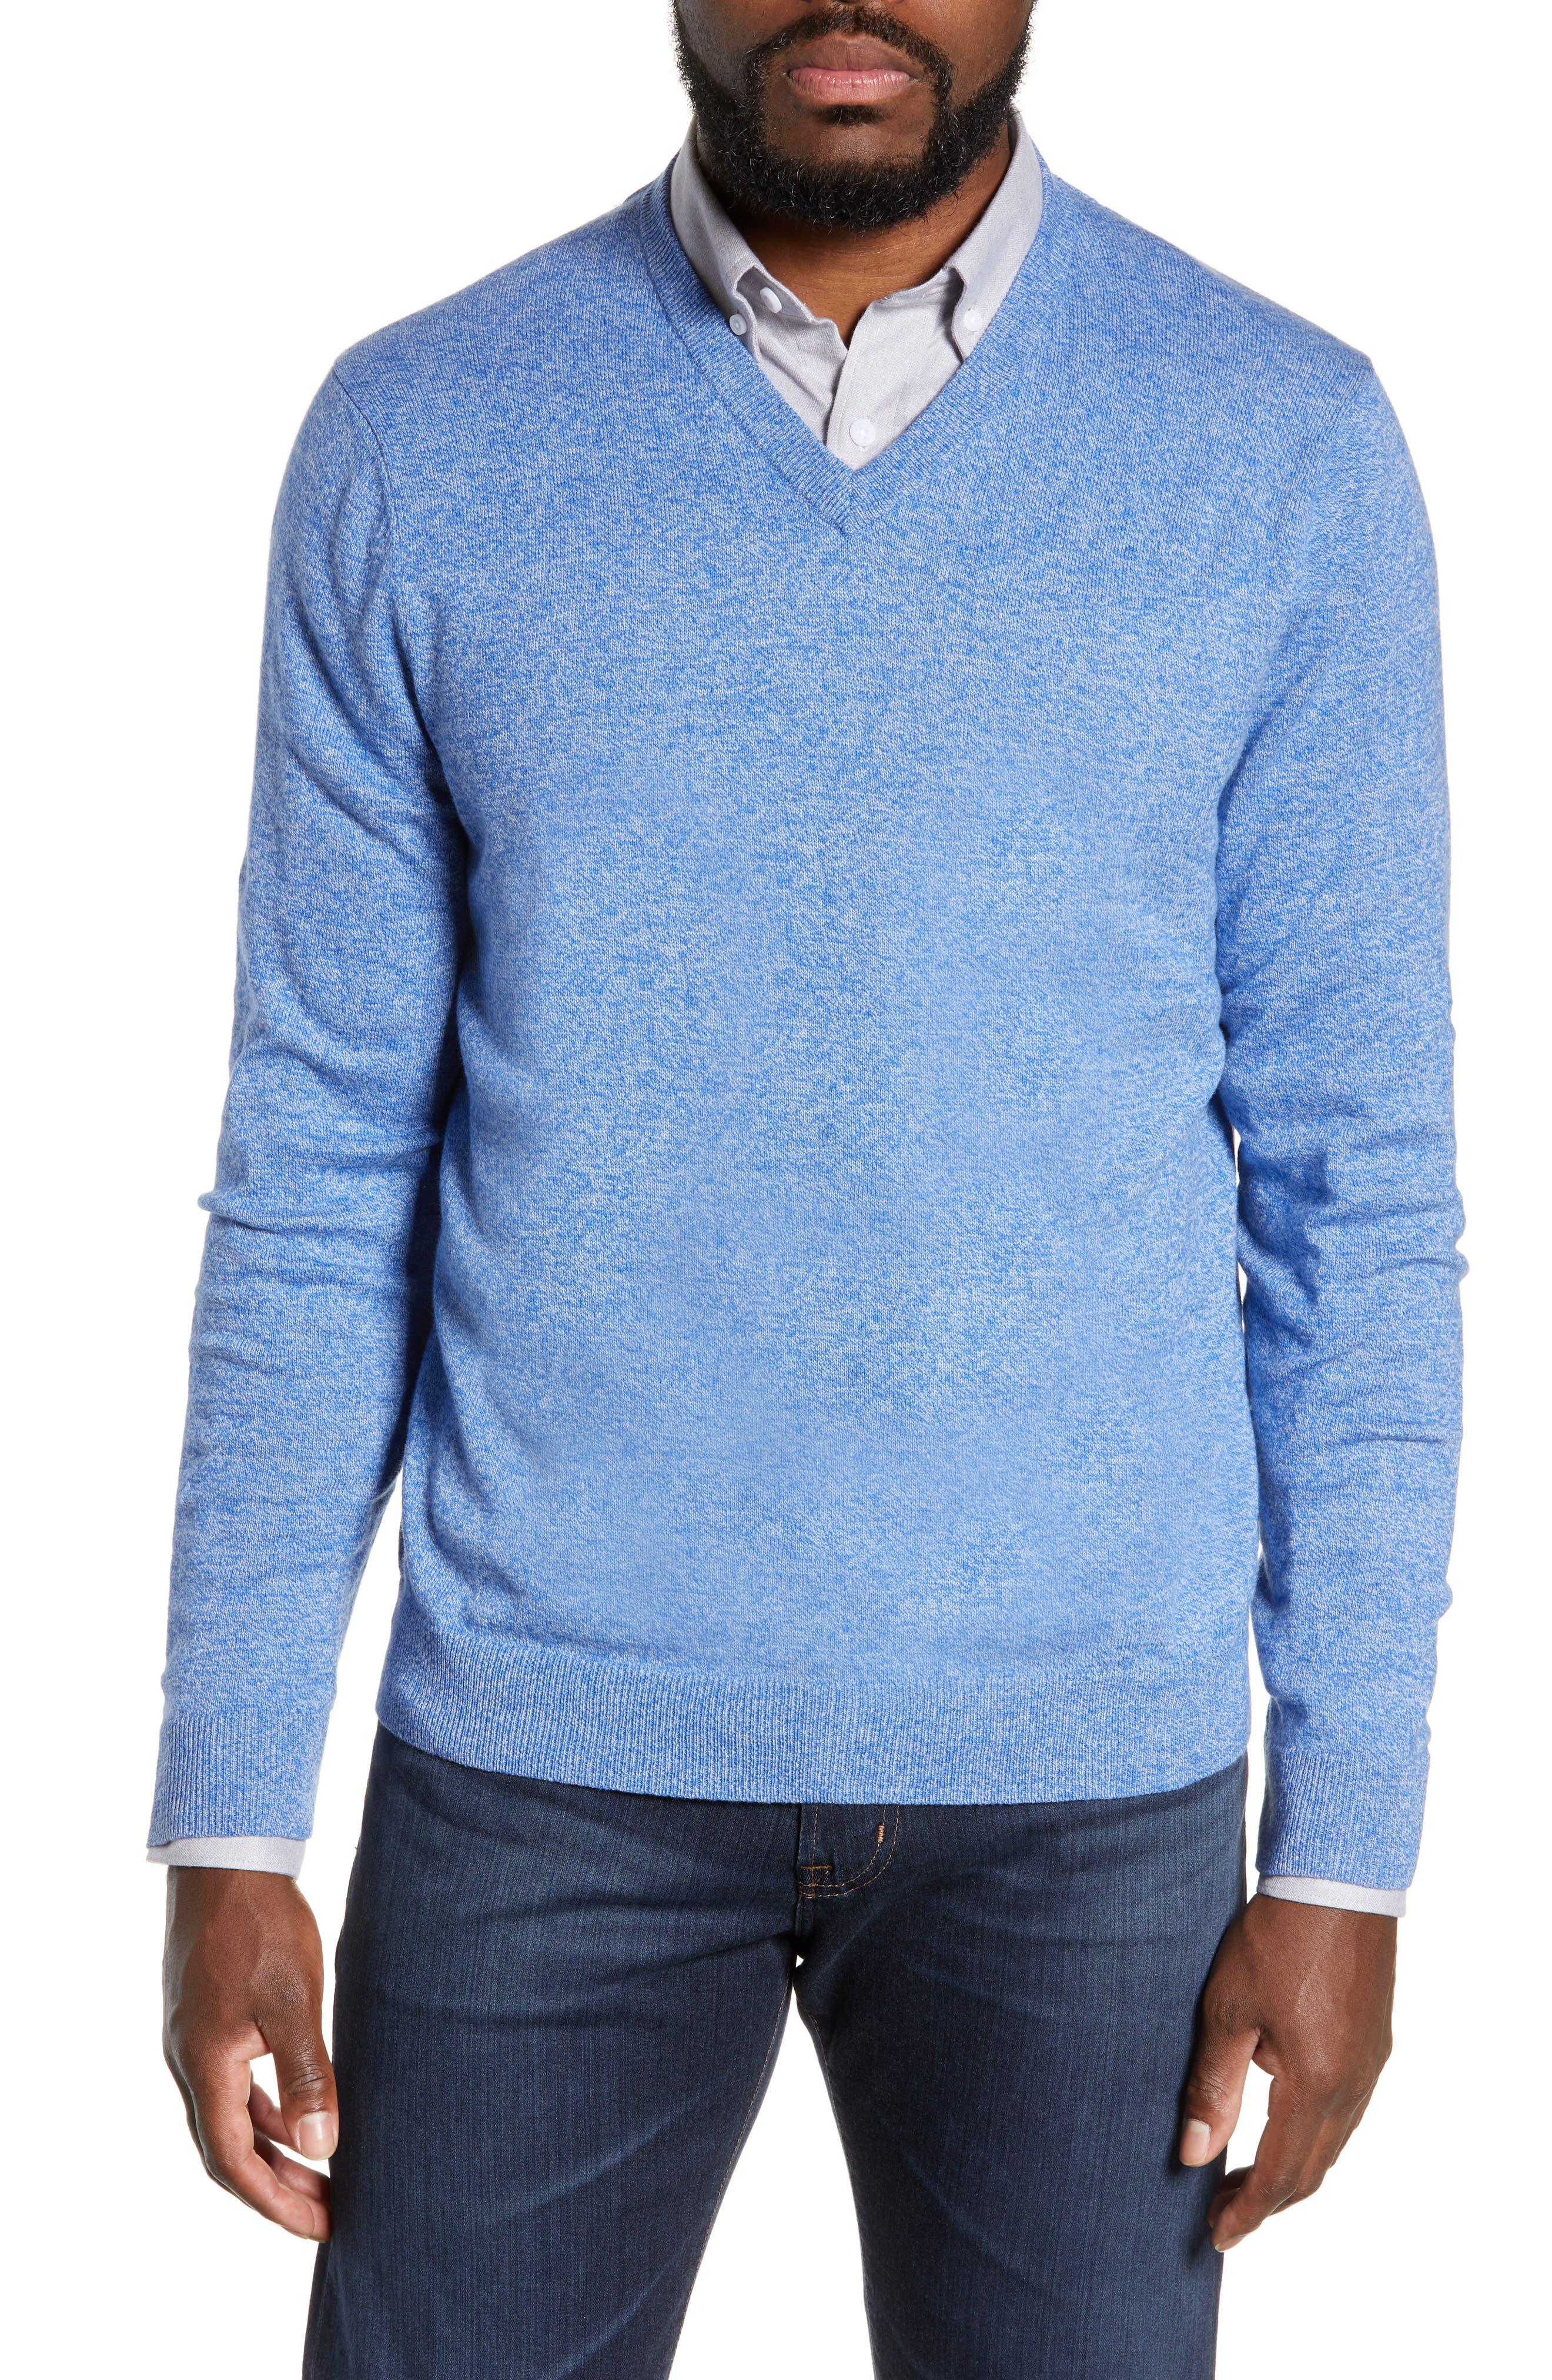 NORDSTROM MEN'S SHOP Cotton & Cashmere V-Neck Sweater, Main, color, BLUE CAMP MARL